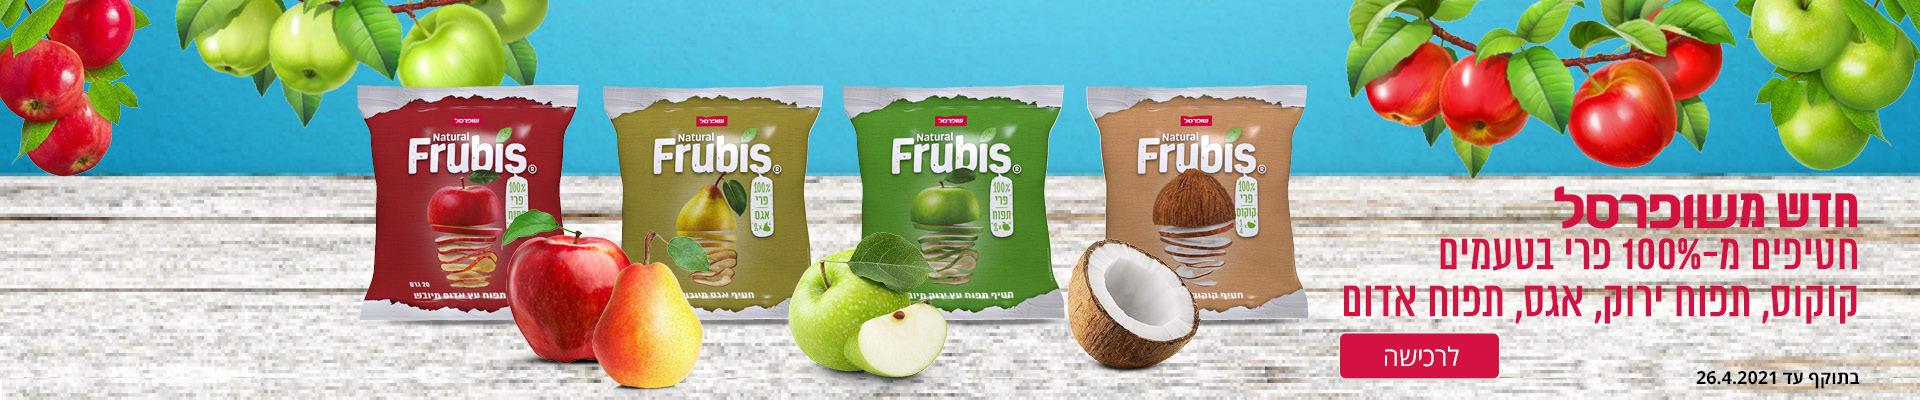 חדש משופרסל חטיפים מ- 100% פרי בטעמים קוקוס, תפוח ירוק, אגס, תפוח אדום לרכישה בתוקף עד 26.4.2021